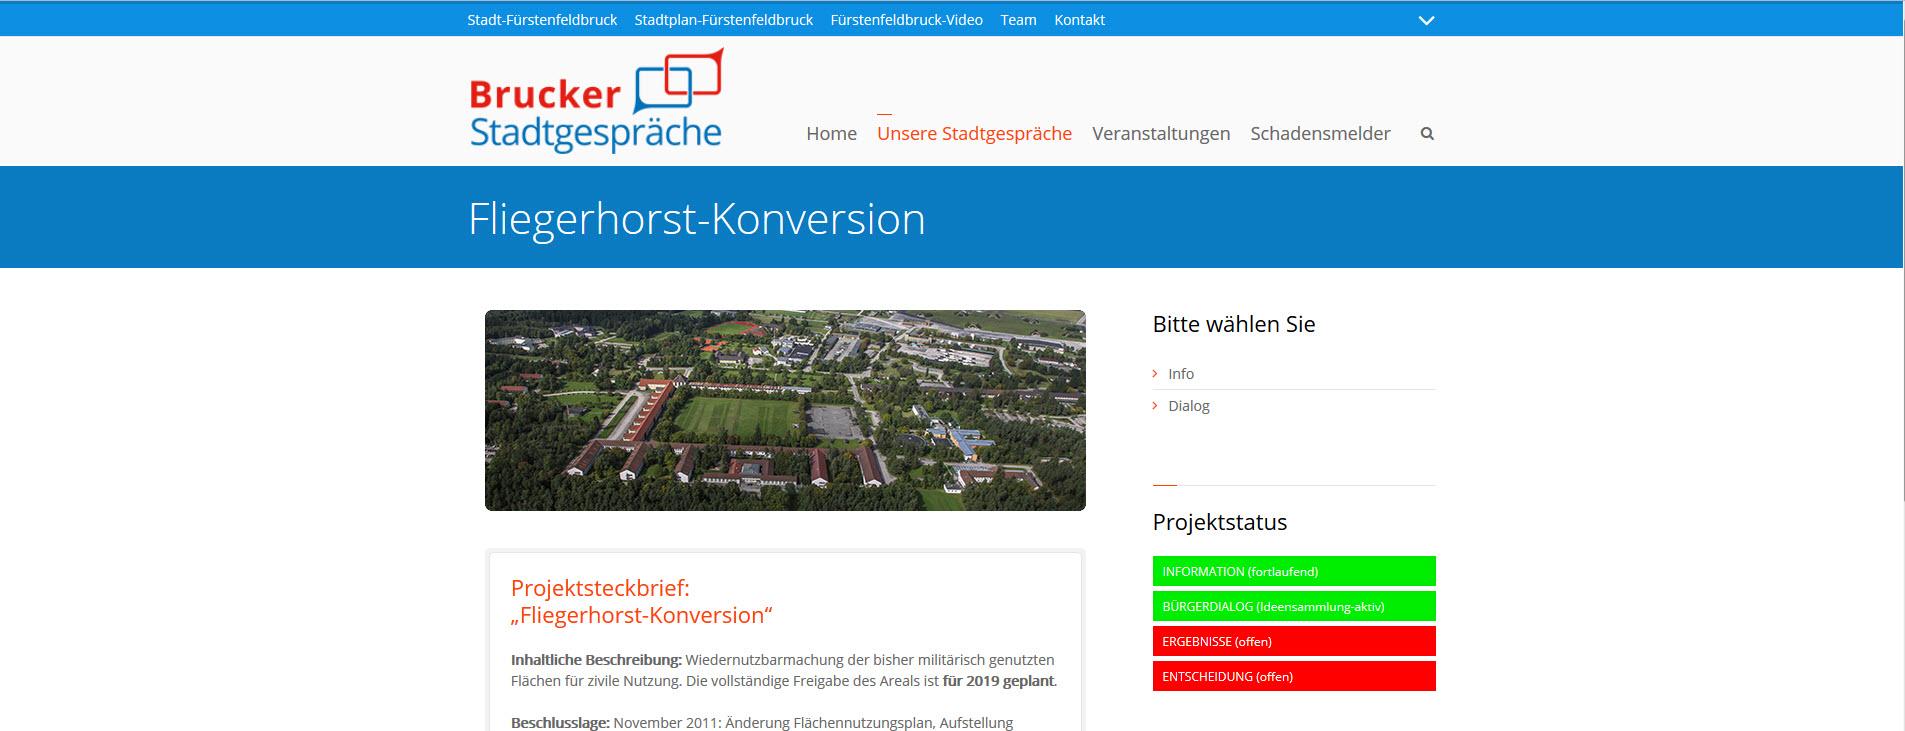 Ideensammler-fliegerhorstkonversion